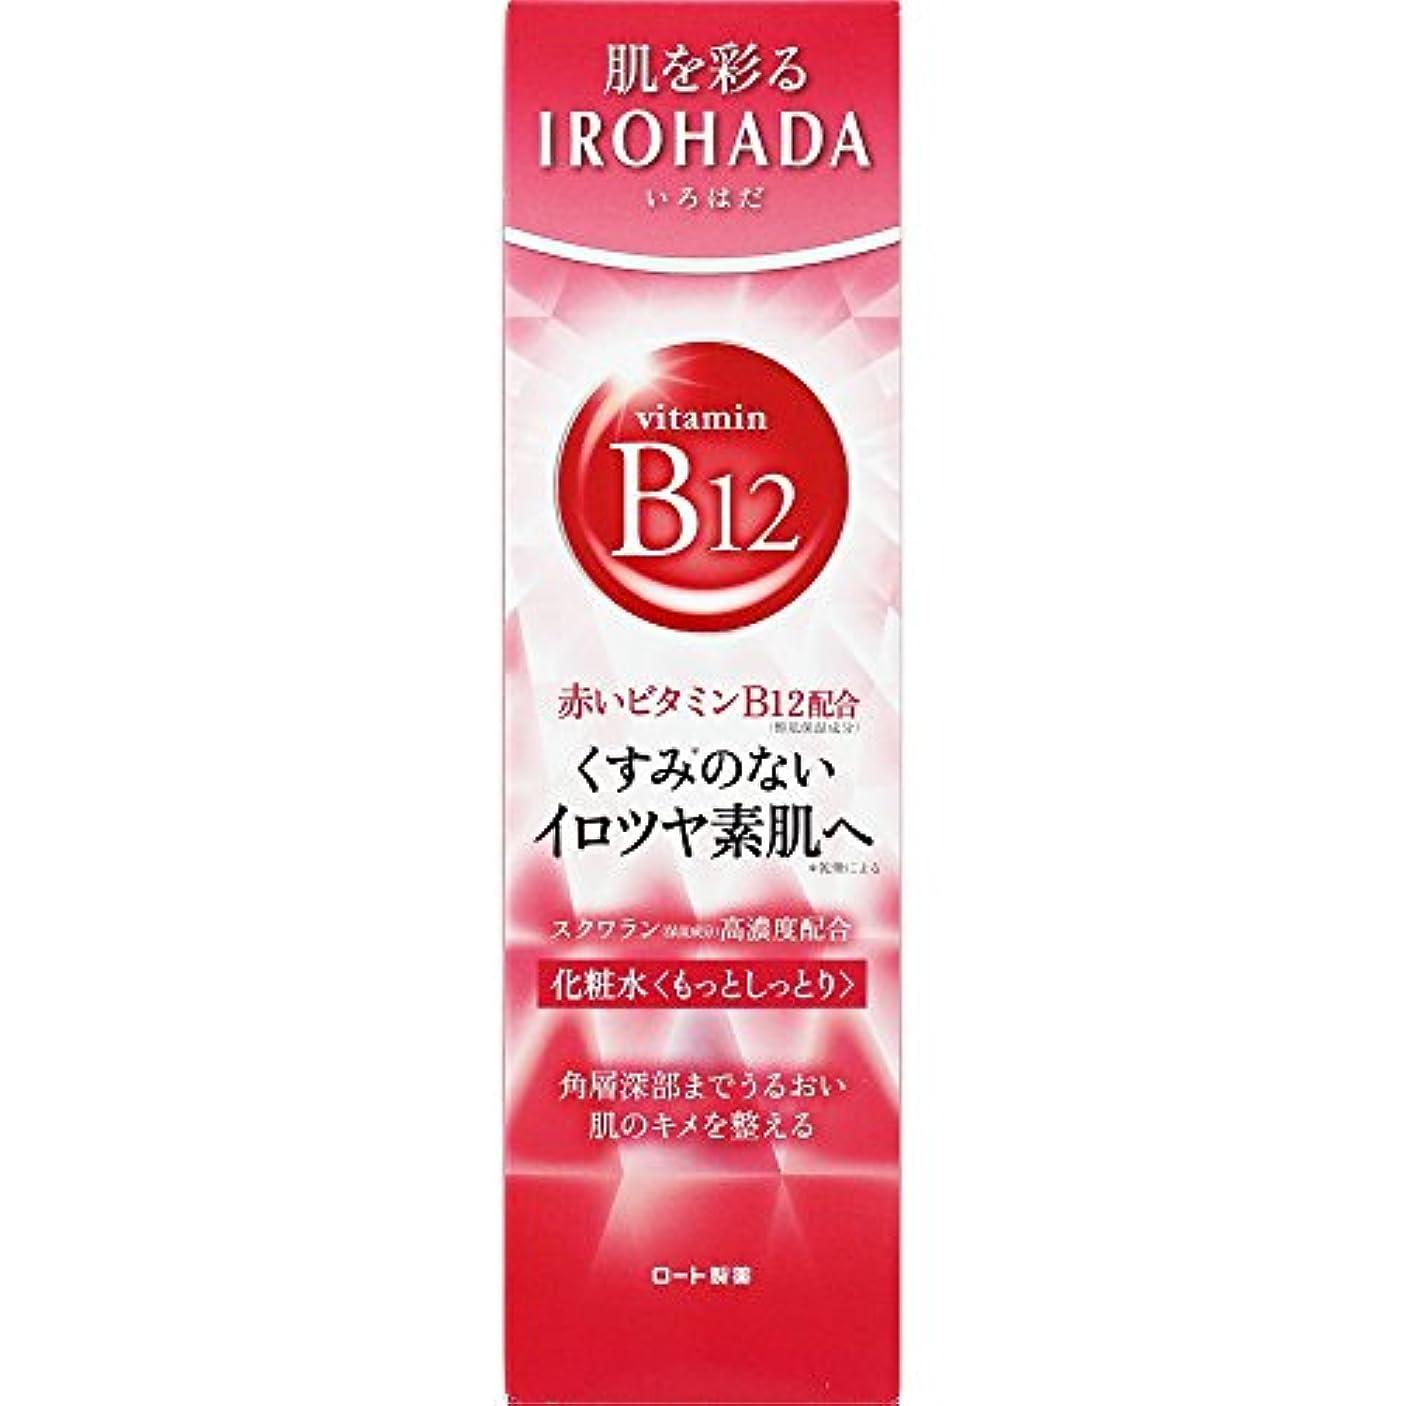 クレデンシャル事実上チャレンジロート製薬 いろはだ (IROHADA) 赤いビタミンB12×スクワラン配合 化粧水もっとしっとり 160ml